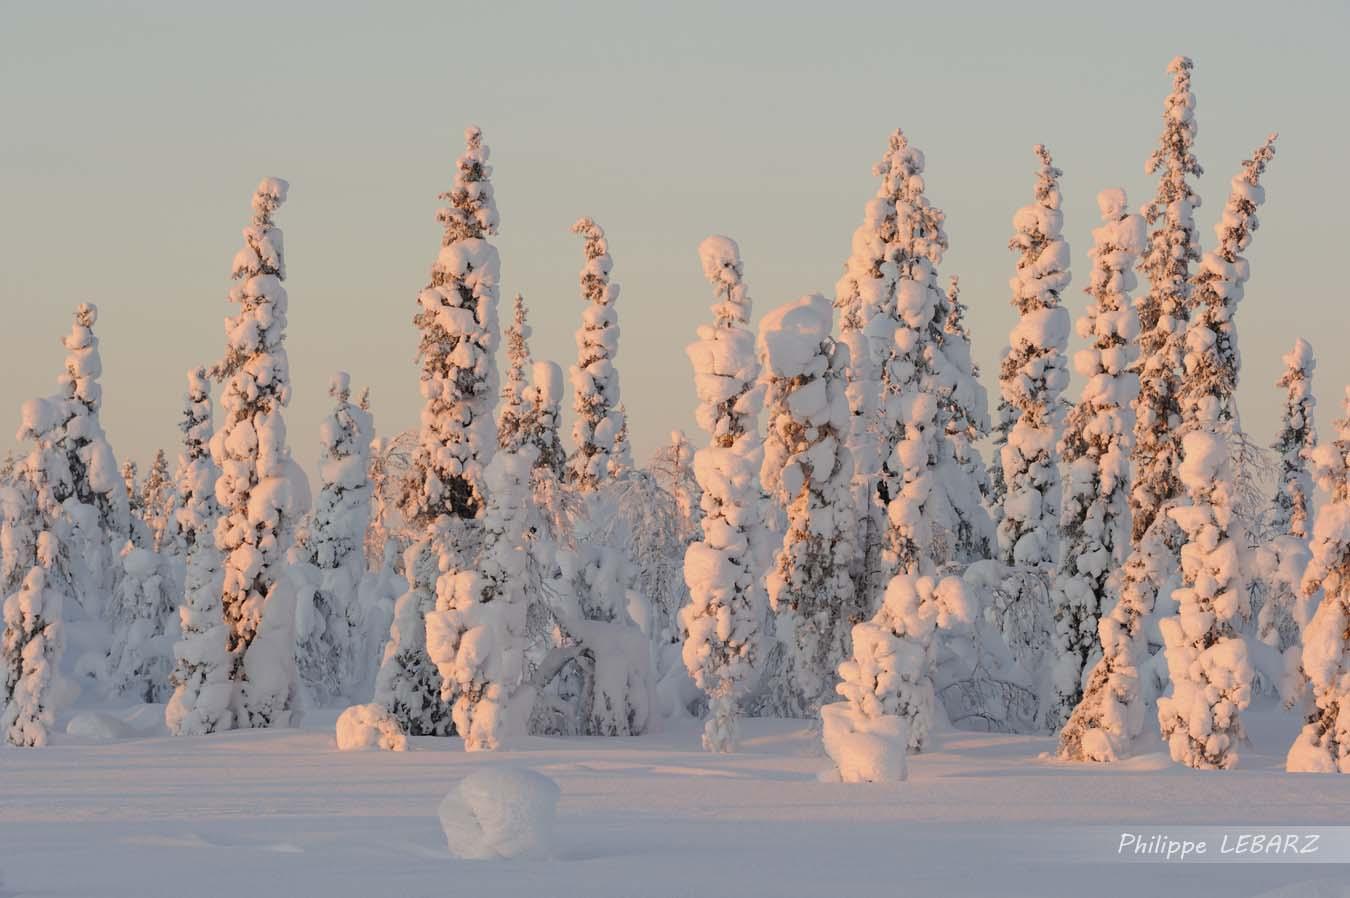 Foret de sapins recouverts de neige au soleil couchant